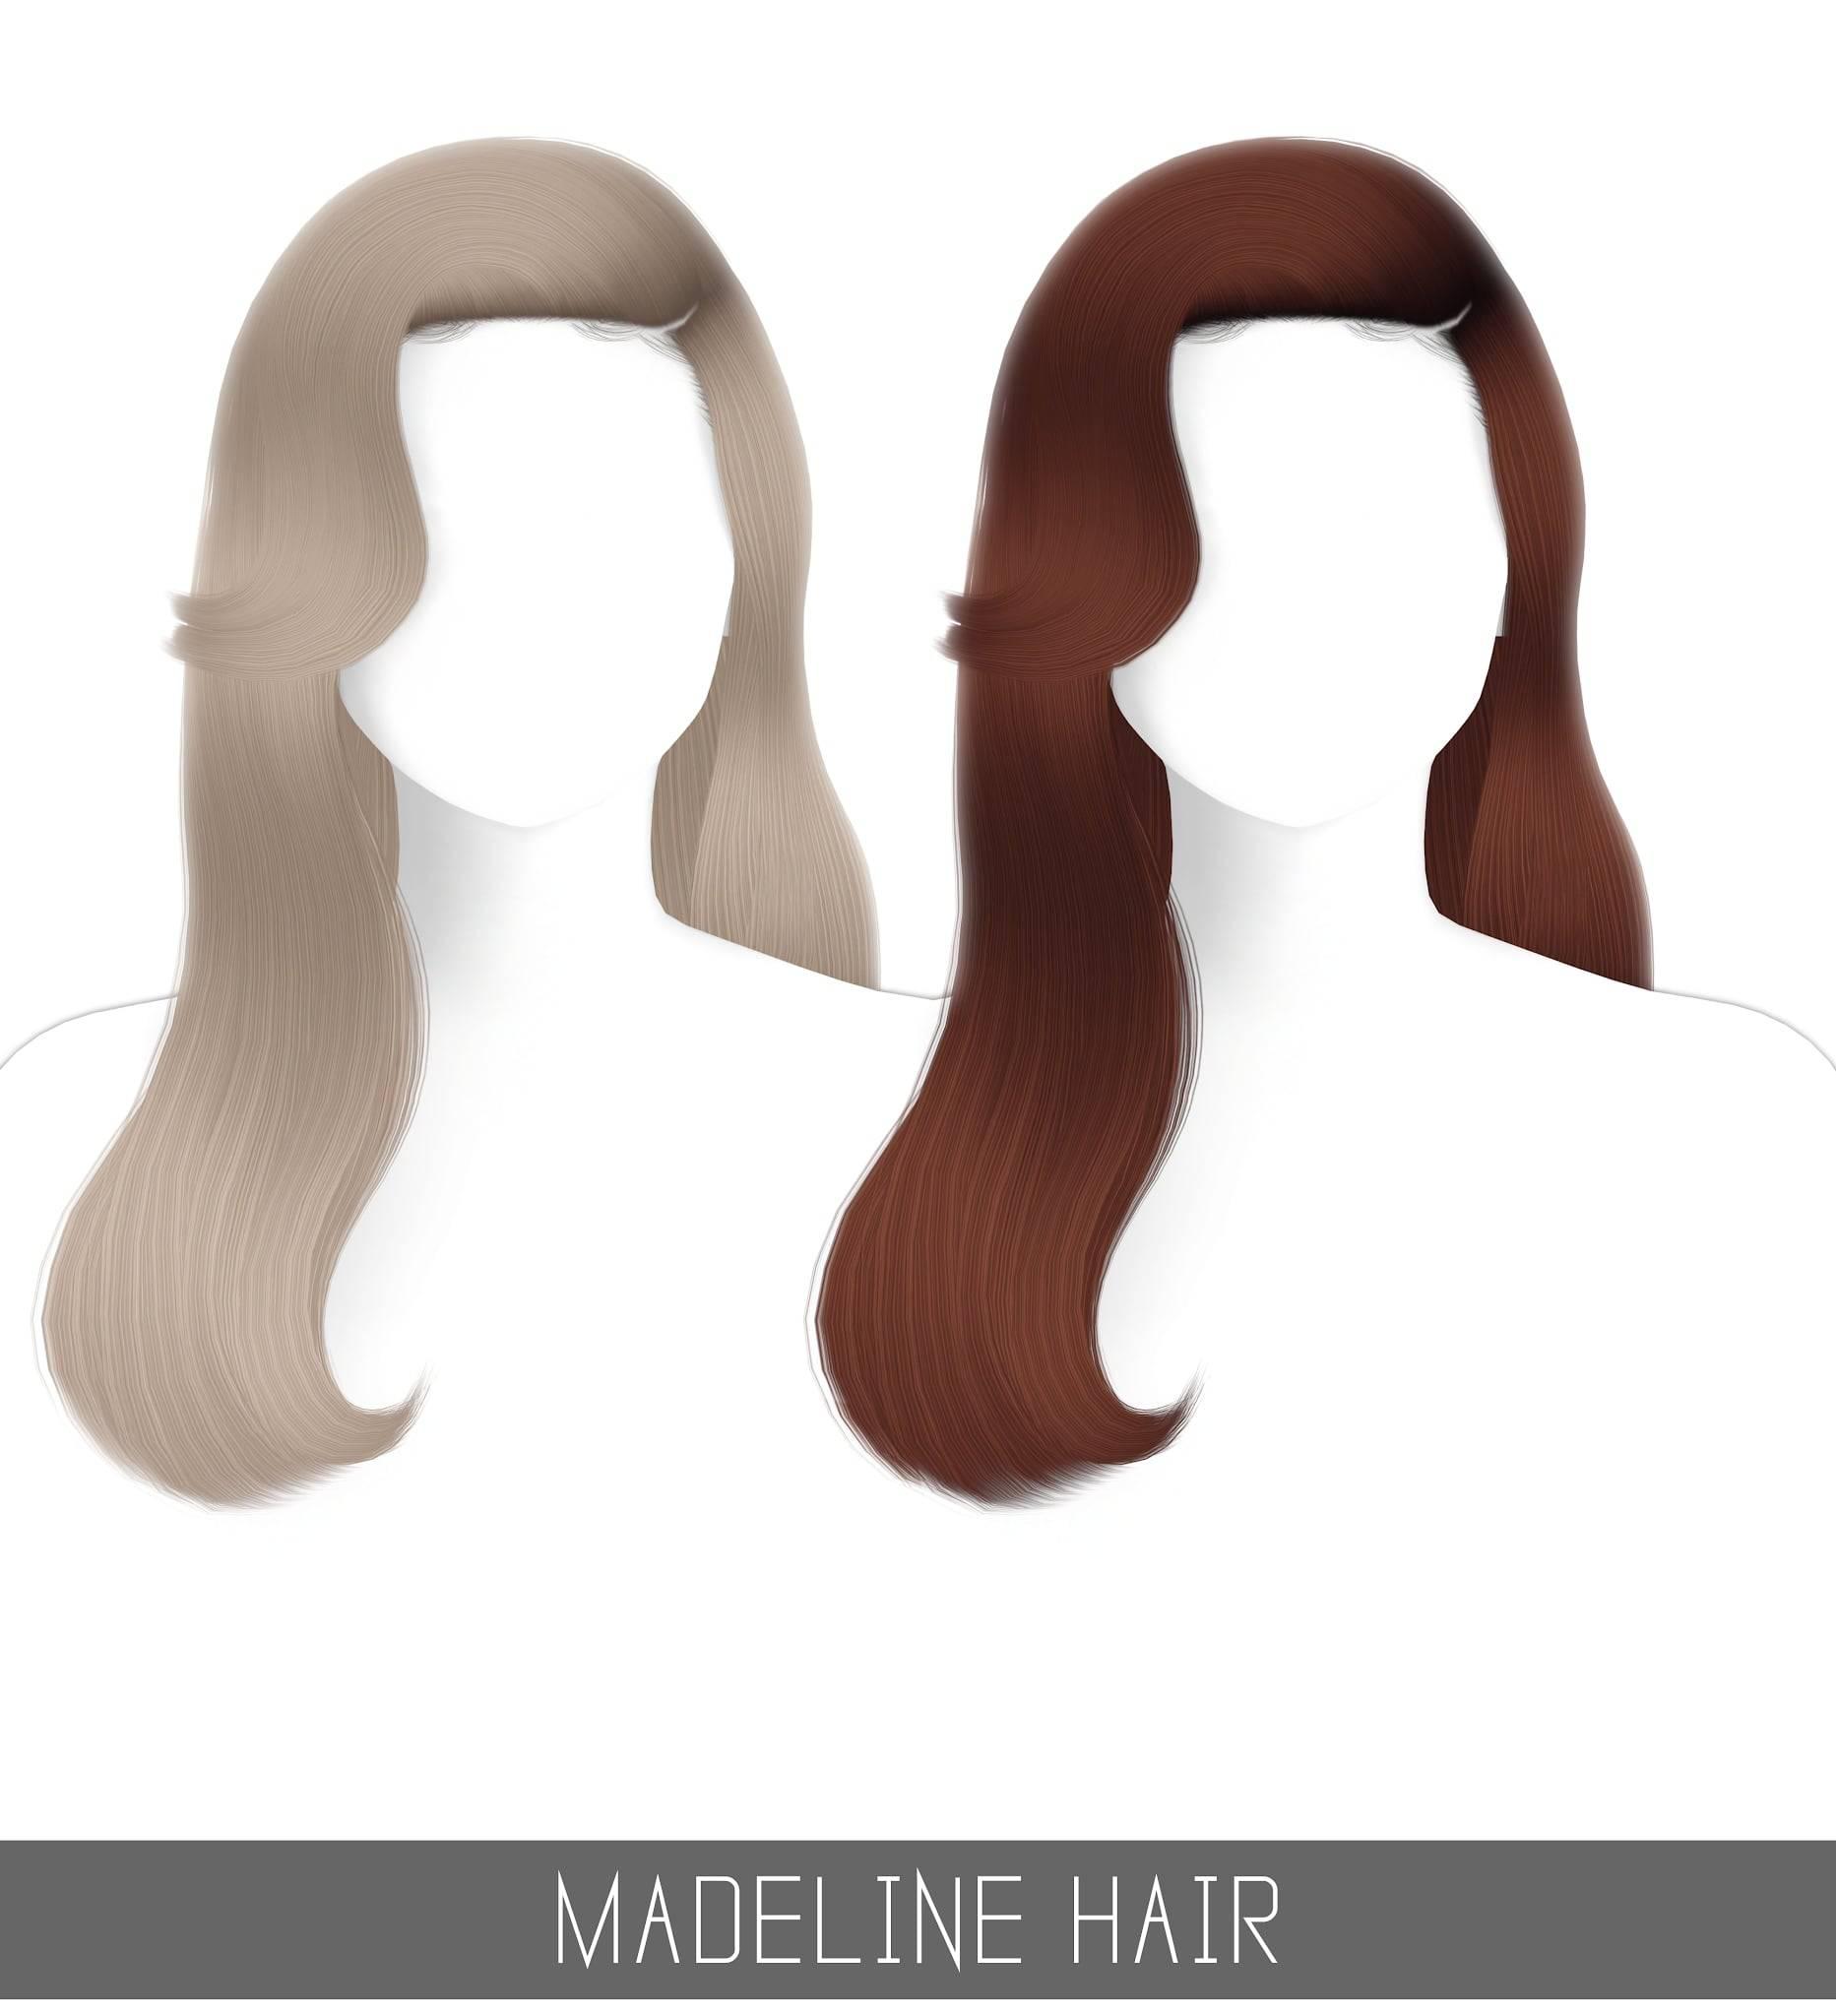 Женская прическа - MADELINE HAIR